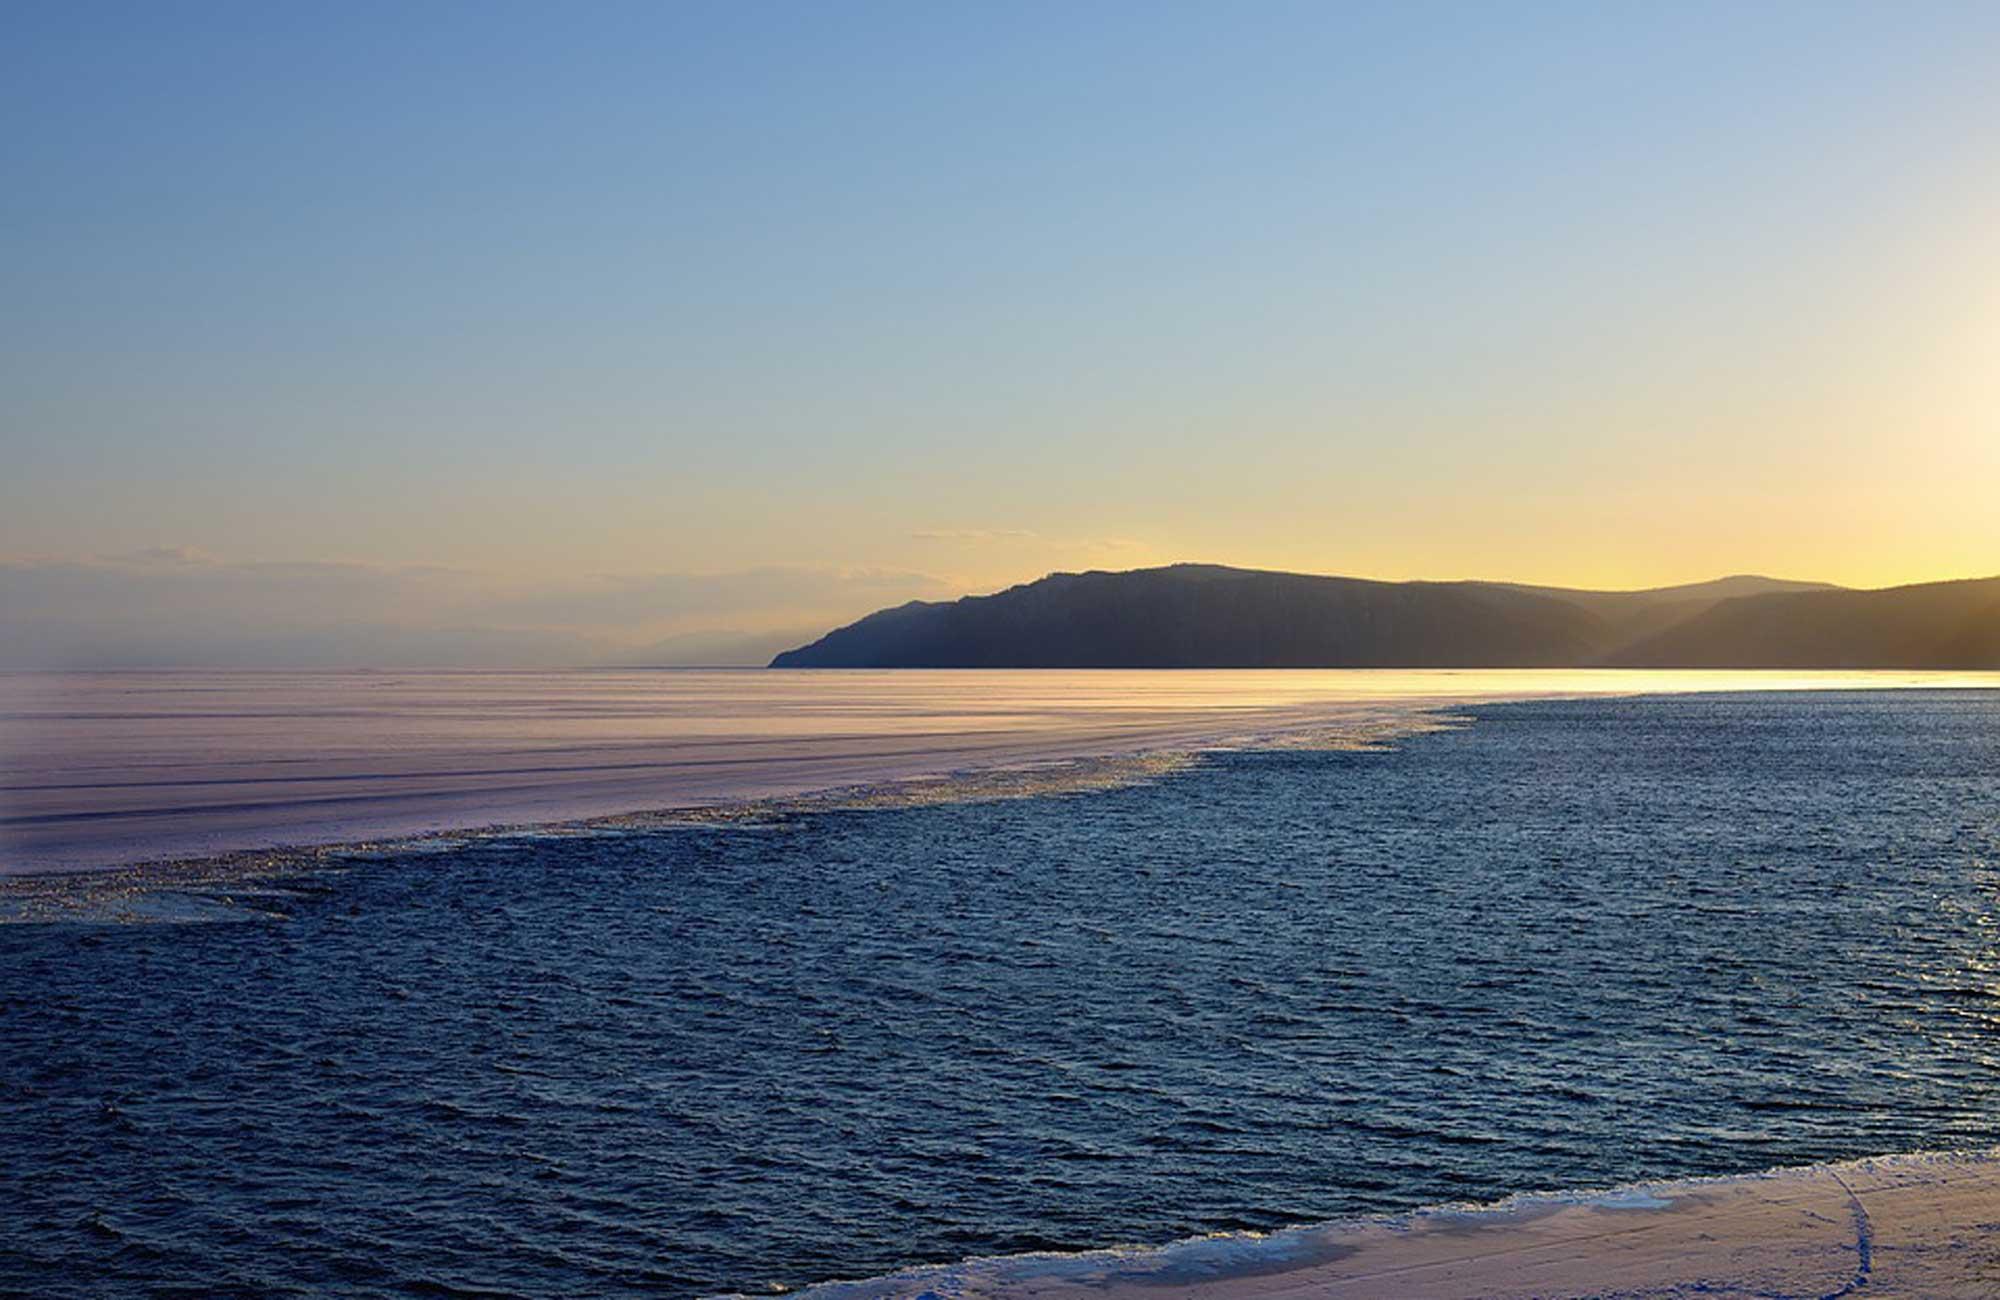 Voyage Russie - Lac Baikal Transsibérien - Amplitudes